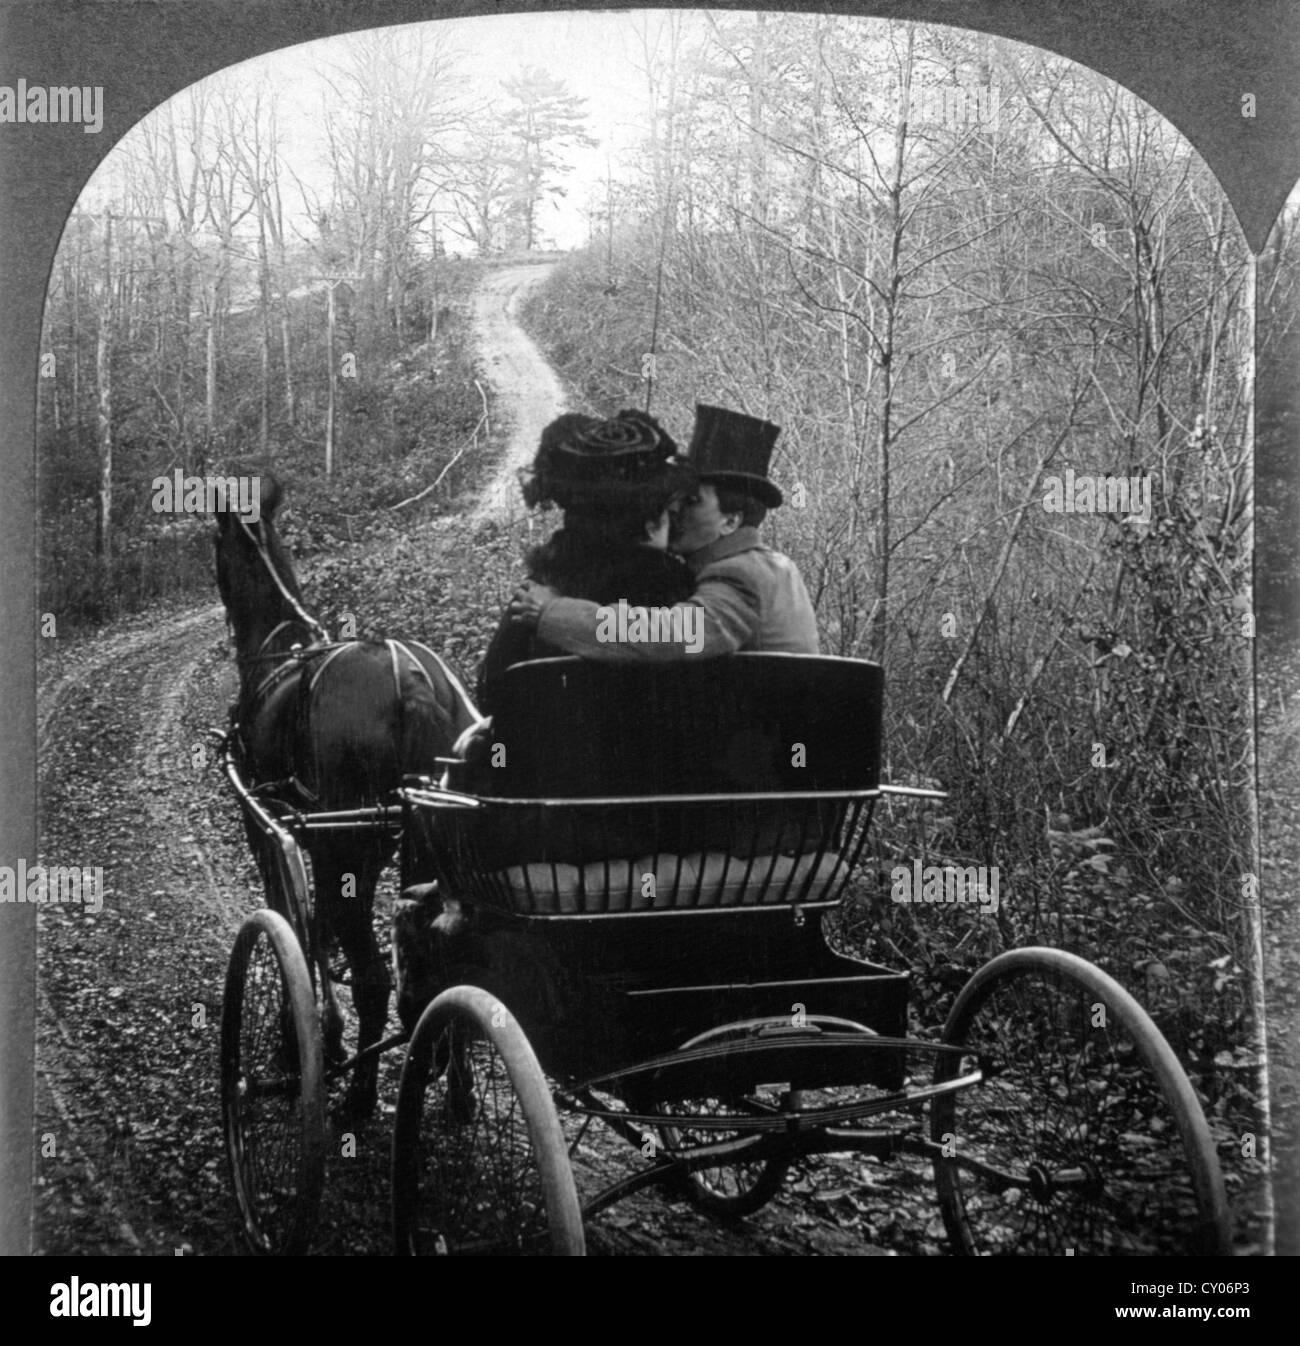 L'homme et la femme dans une calèche, vue arrière, chaîne hi-fi, Photo vers 1901 Banque D'Images